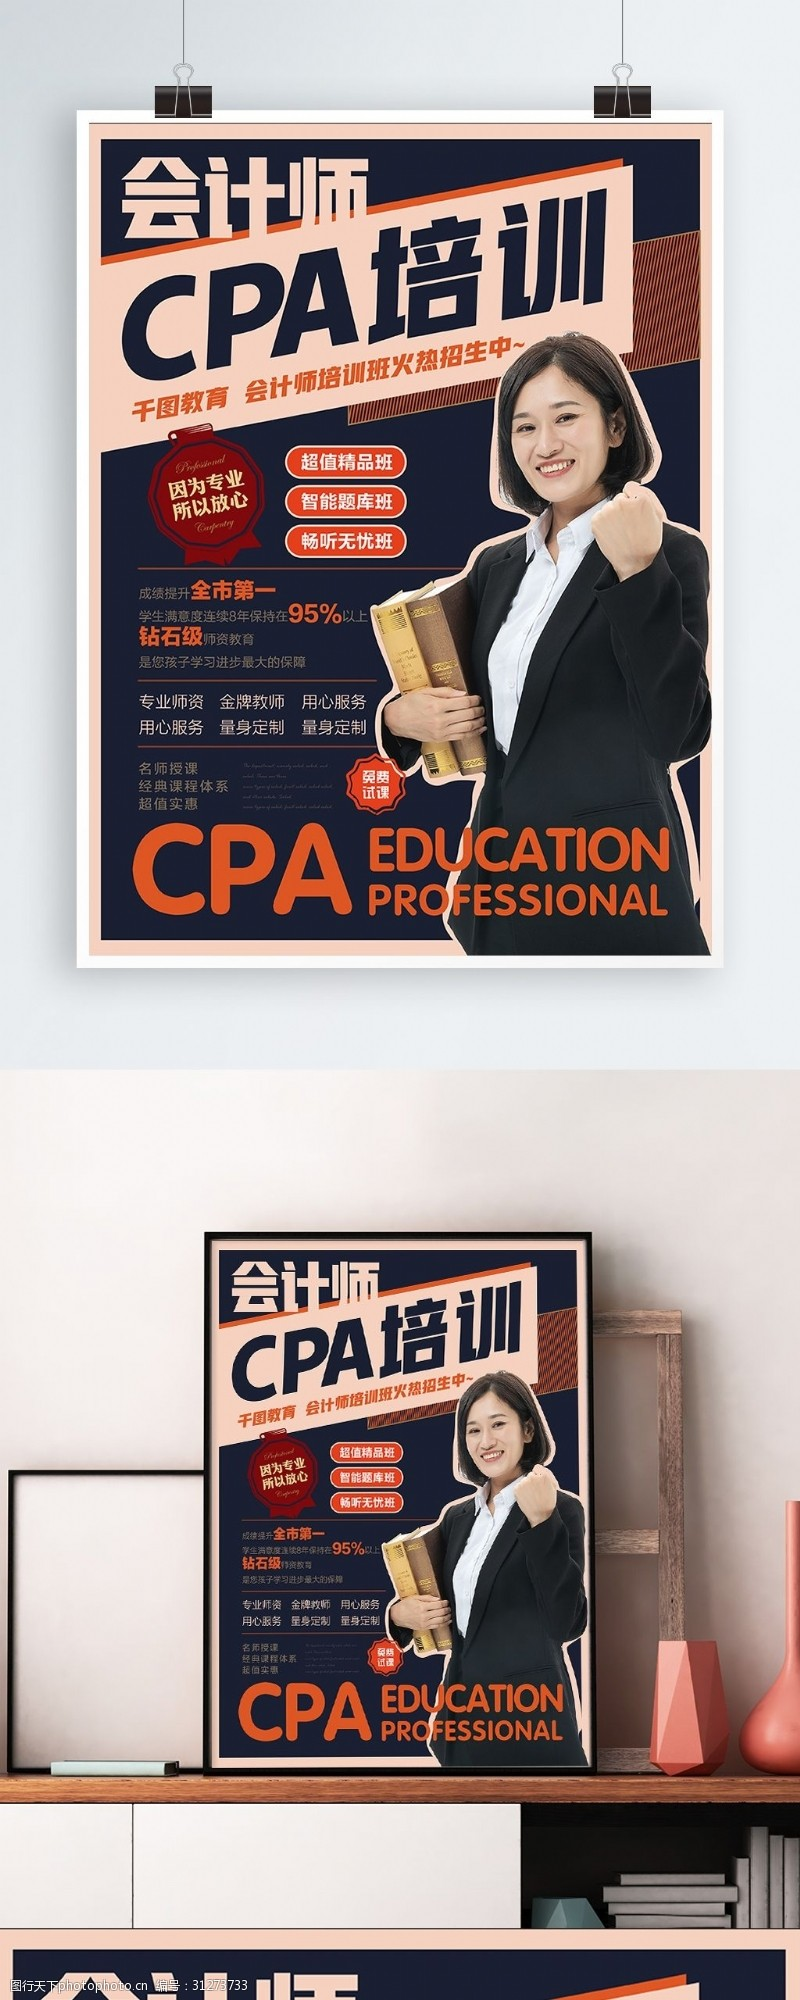 cpa简约风会计师CPA培训宣传海报